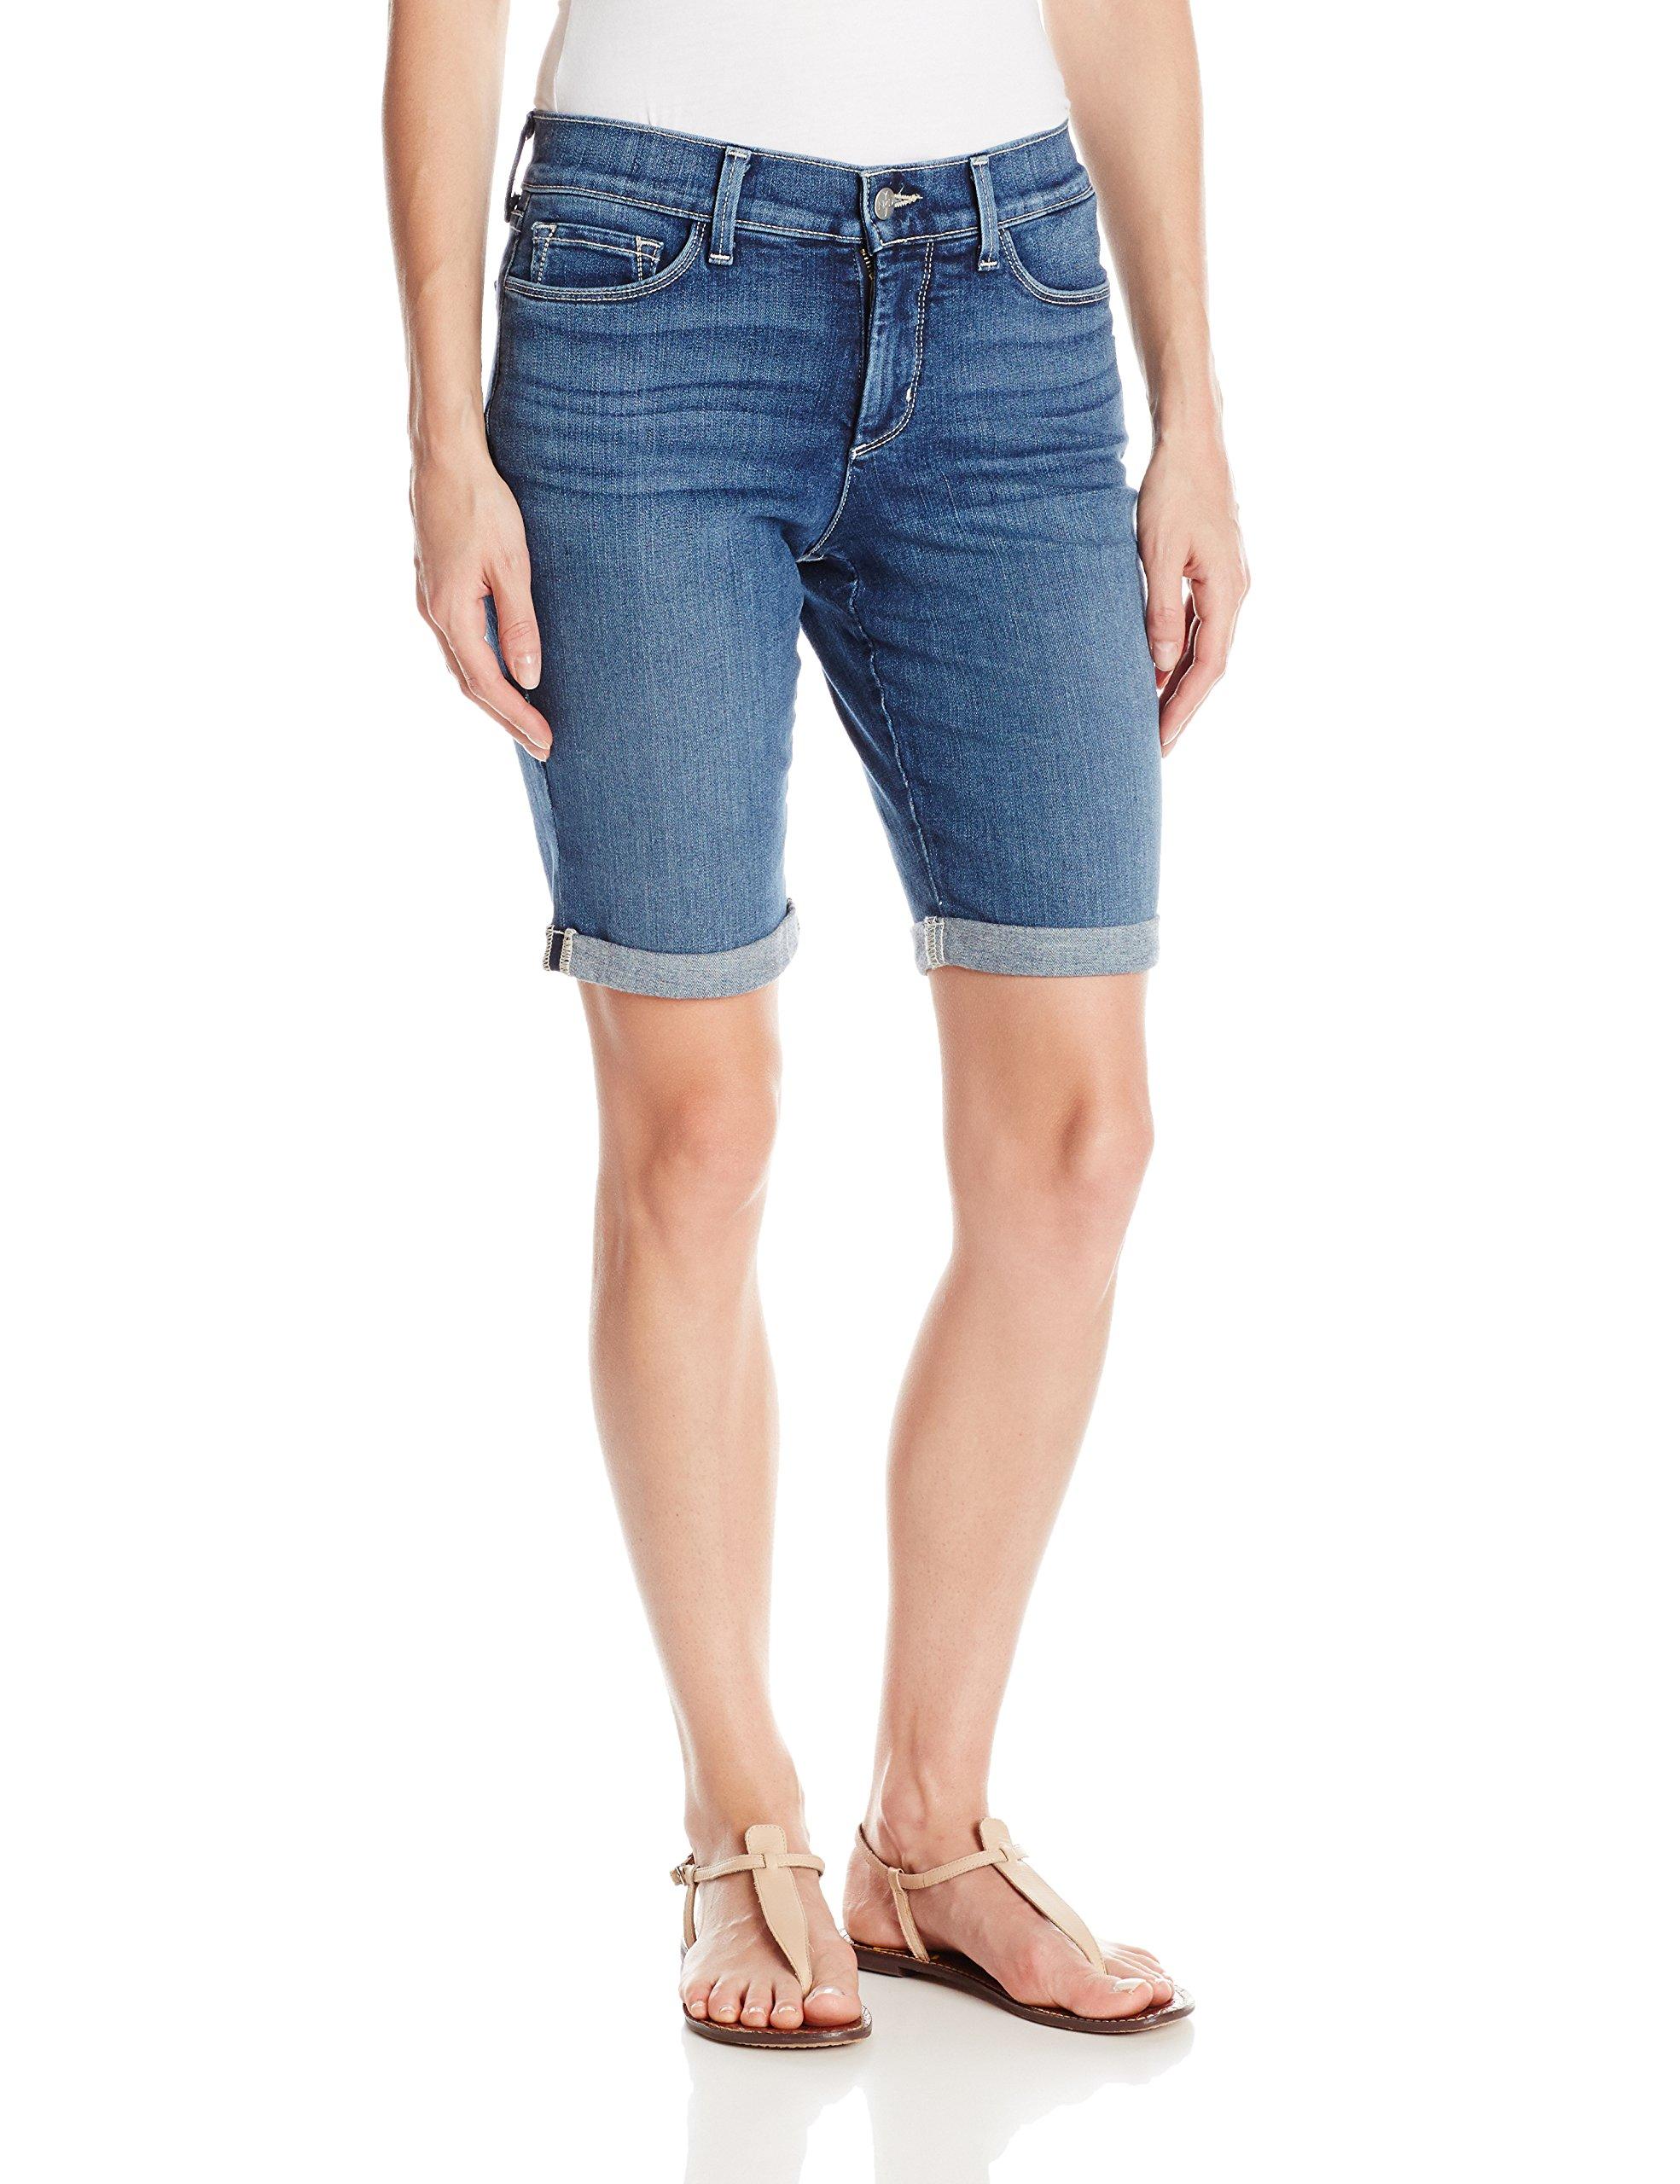 NYDJ Women's Size Briella Roll Cuff Jean Short, Heyburn, 10 Petite